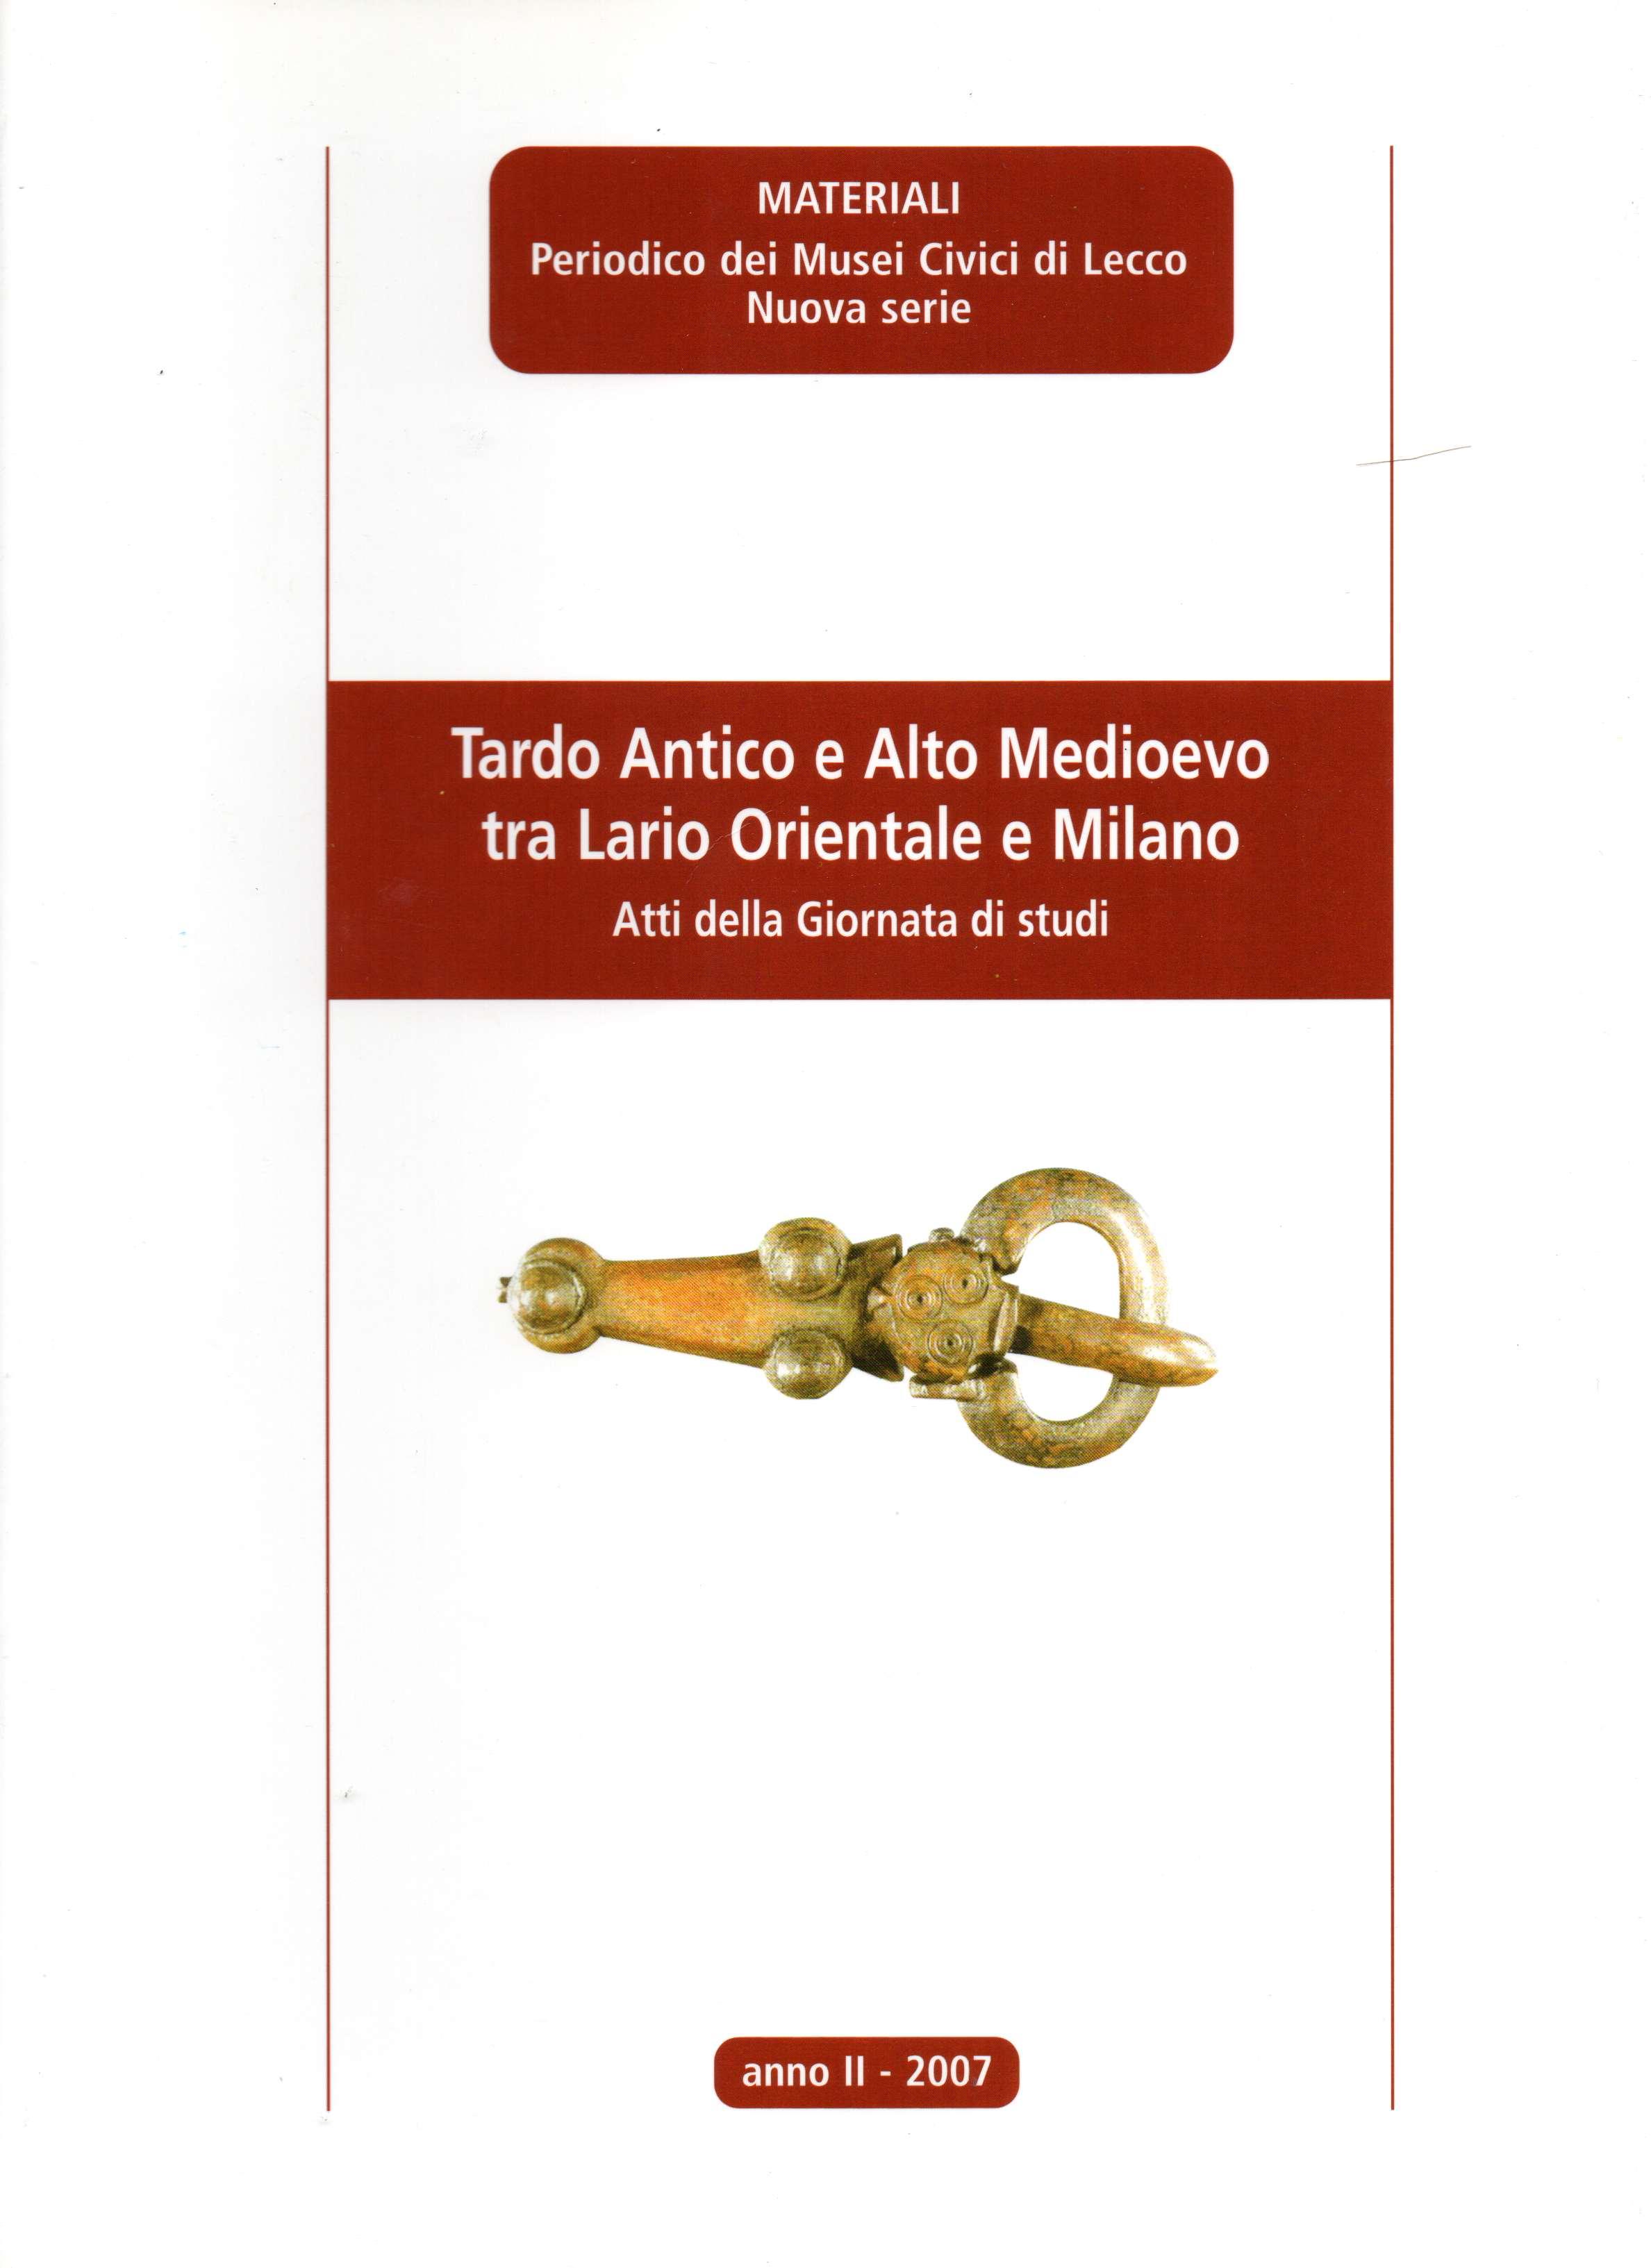 Tardo Antico e Alto Medioevo tra Lario Orientale e Milano: Atti della Giornata di studi, Lecco, Palazzo Belgiojoso 25 novembre 2006